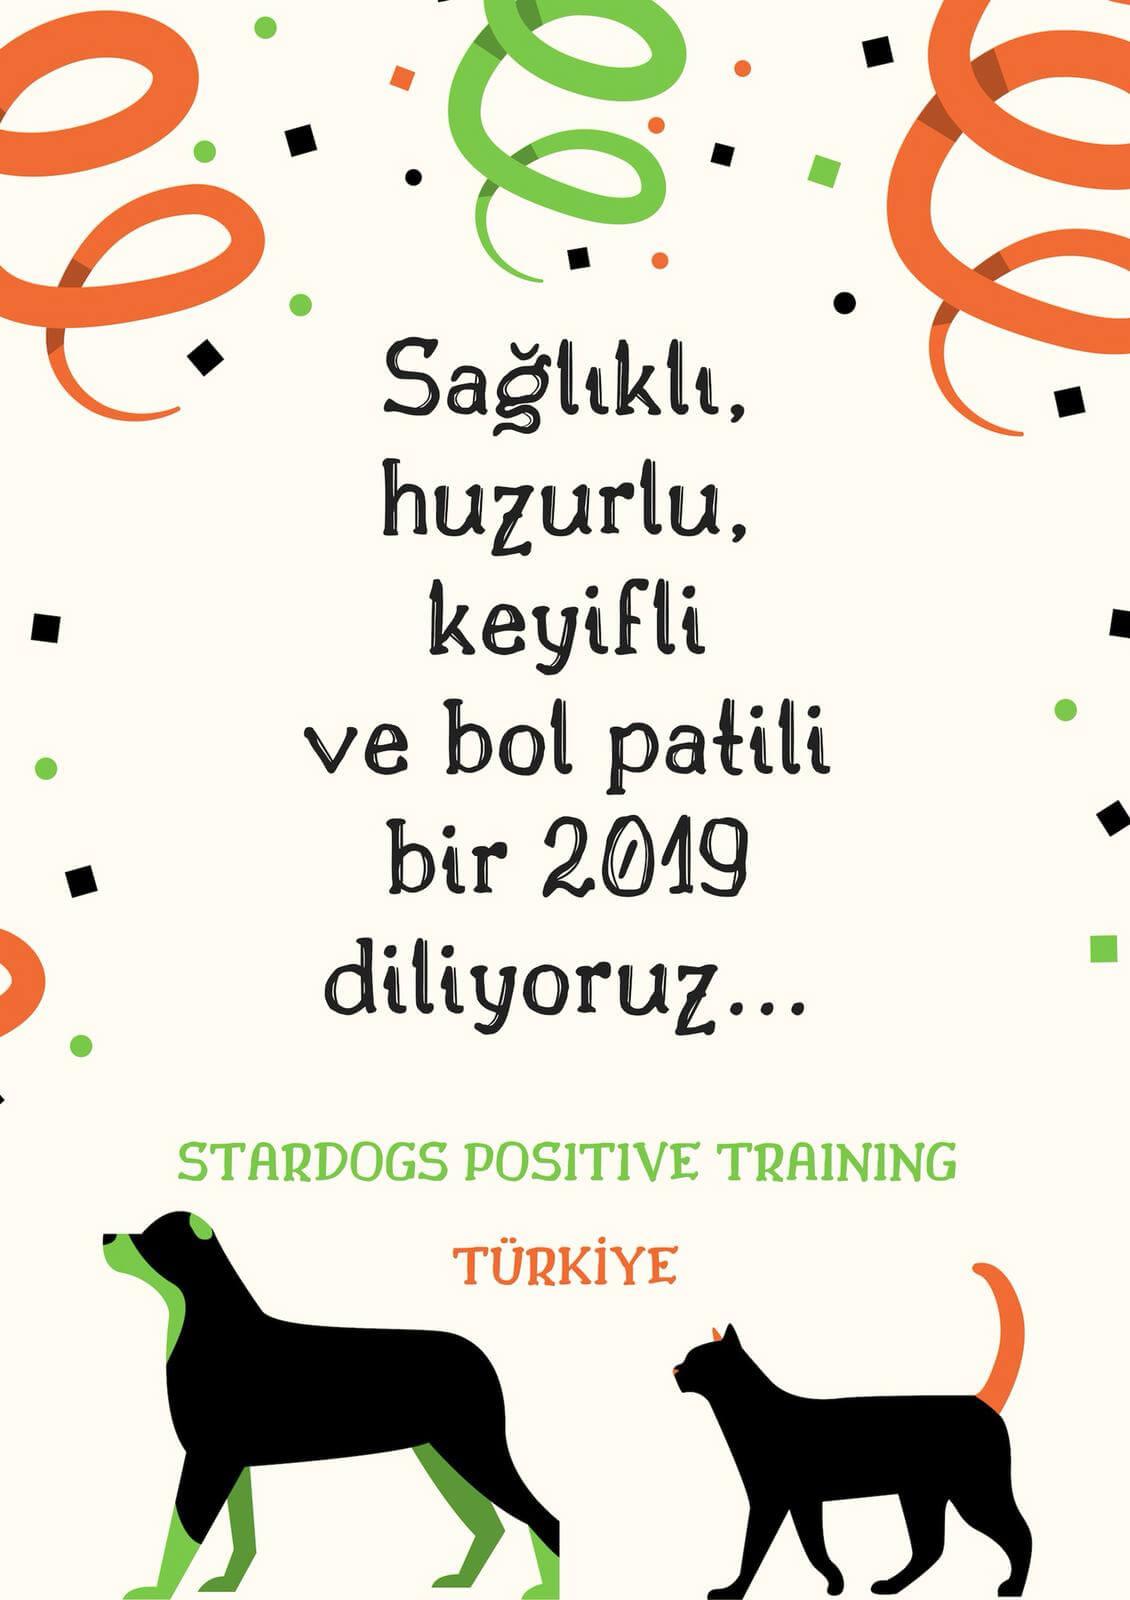 Yeni yılınız kutlu olsun. StarDogs Türkiye